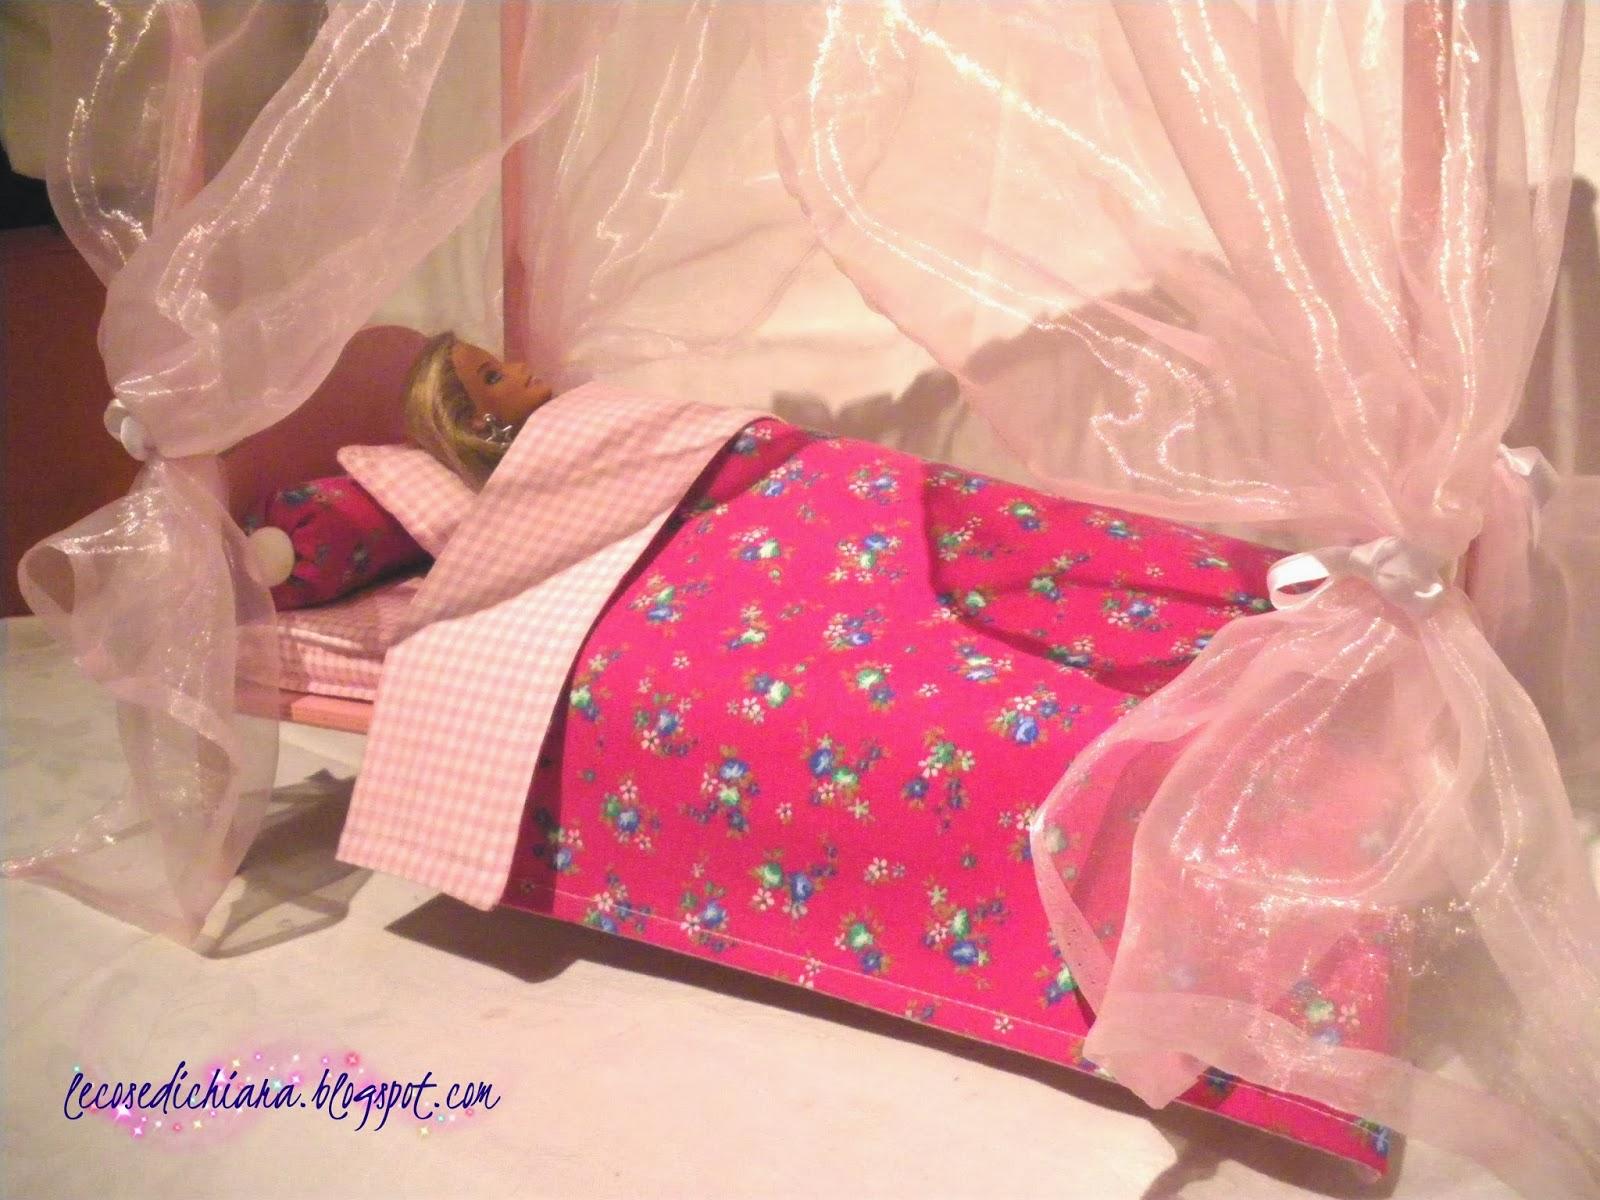 lecosedichiara: Un letto a baldacchino per Barbie!